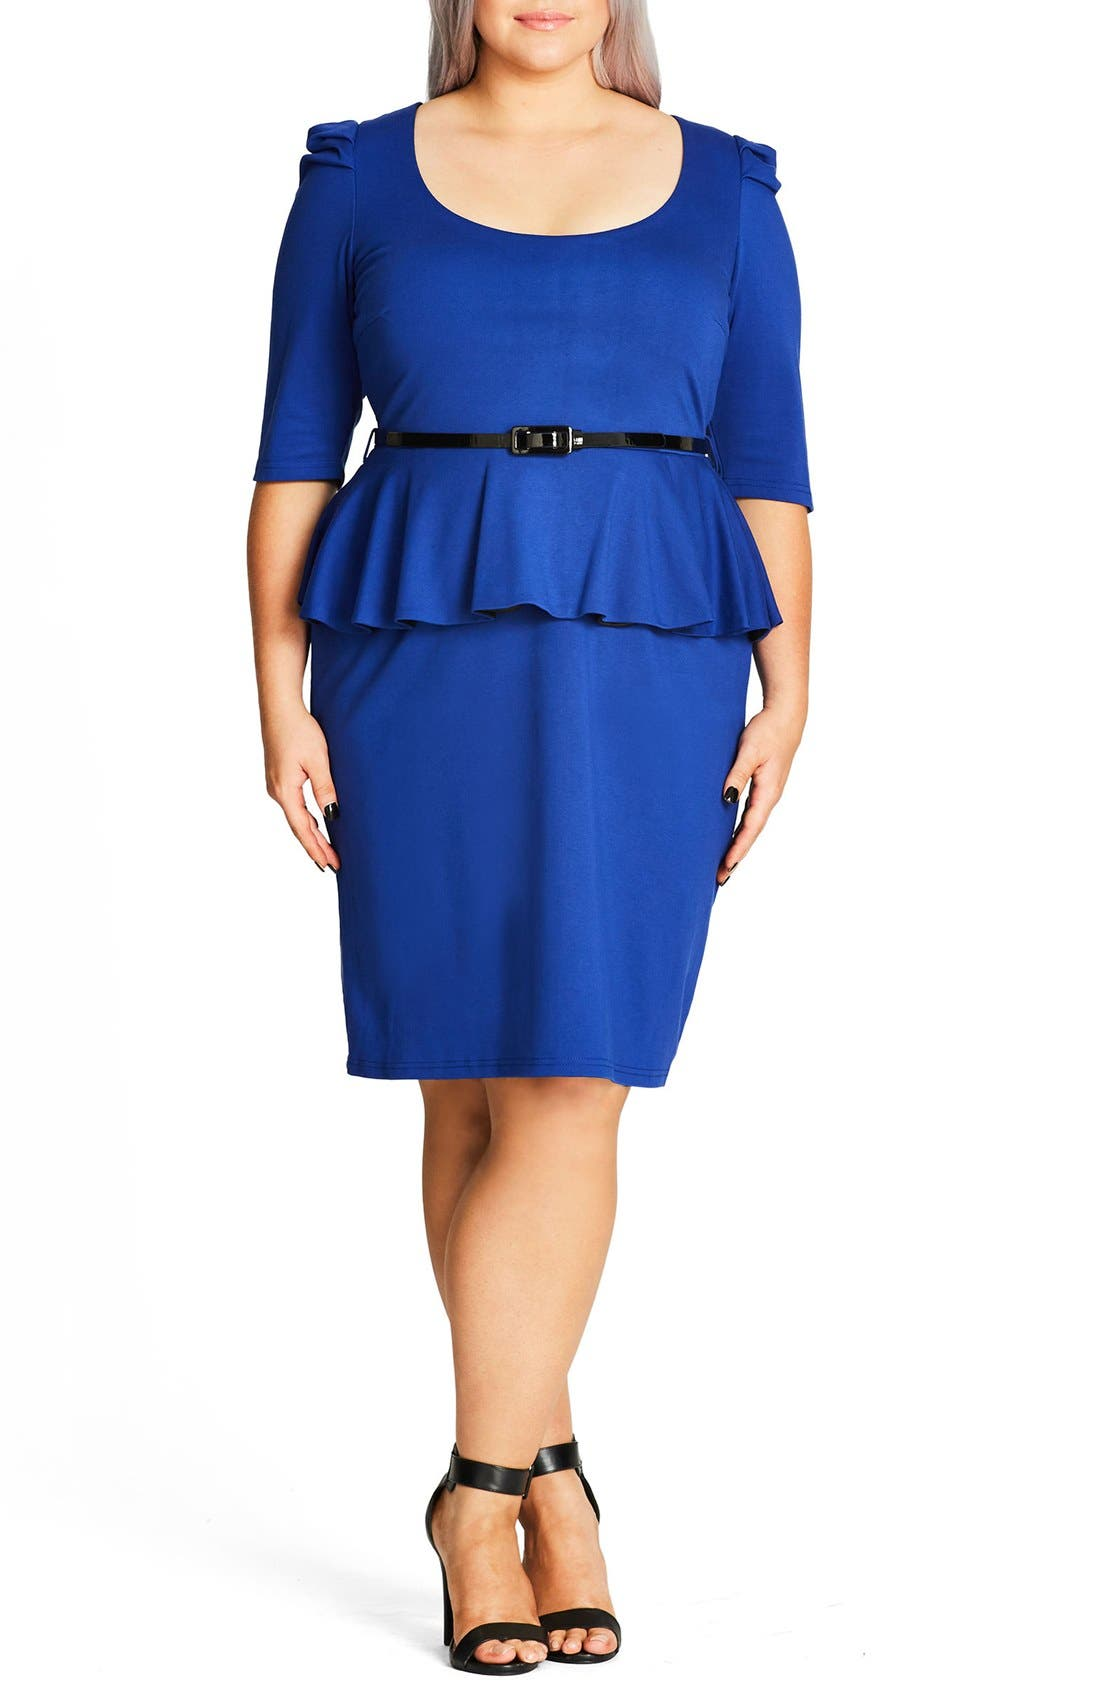 Main Image - City Chic Peplum Dress (Plus Size)